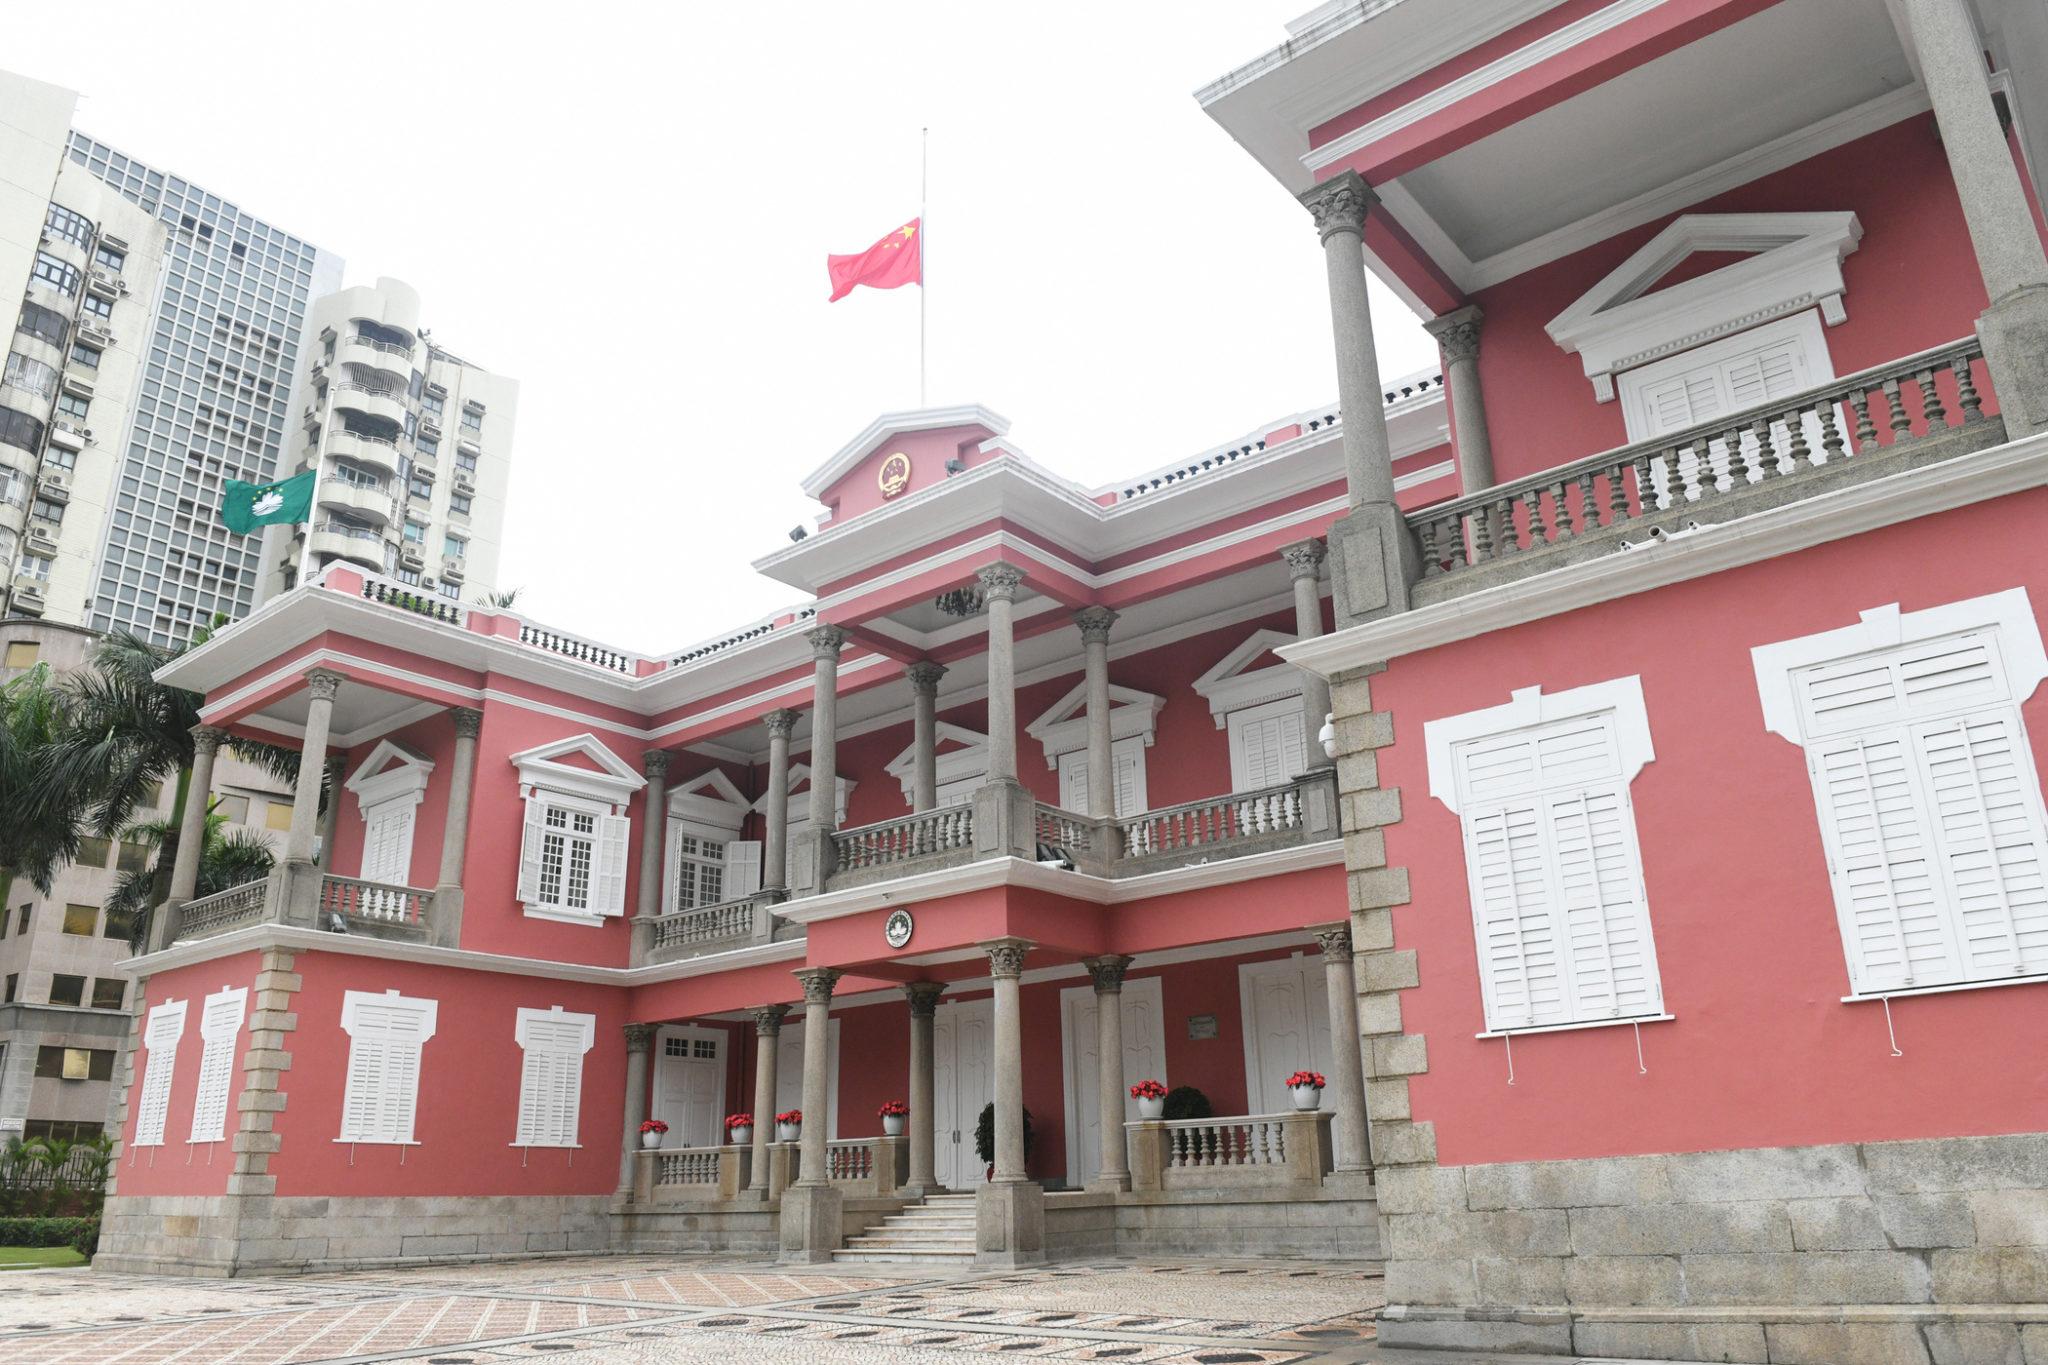 Analista diz que Macau tem reservas financeiras para sete anos de governação